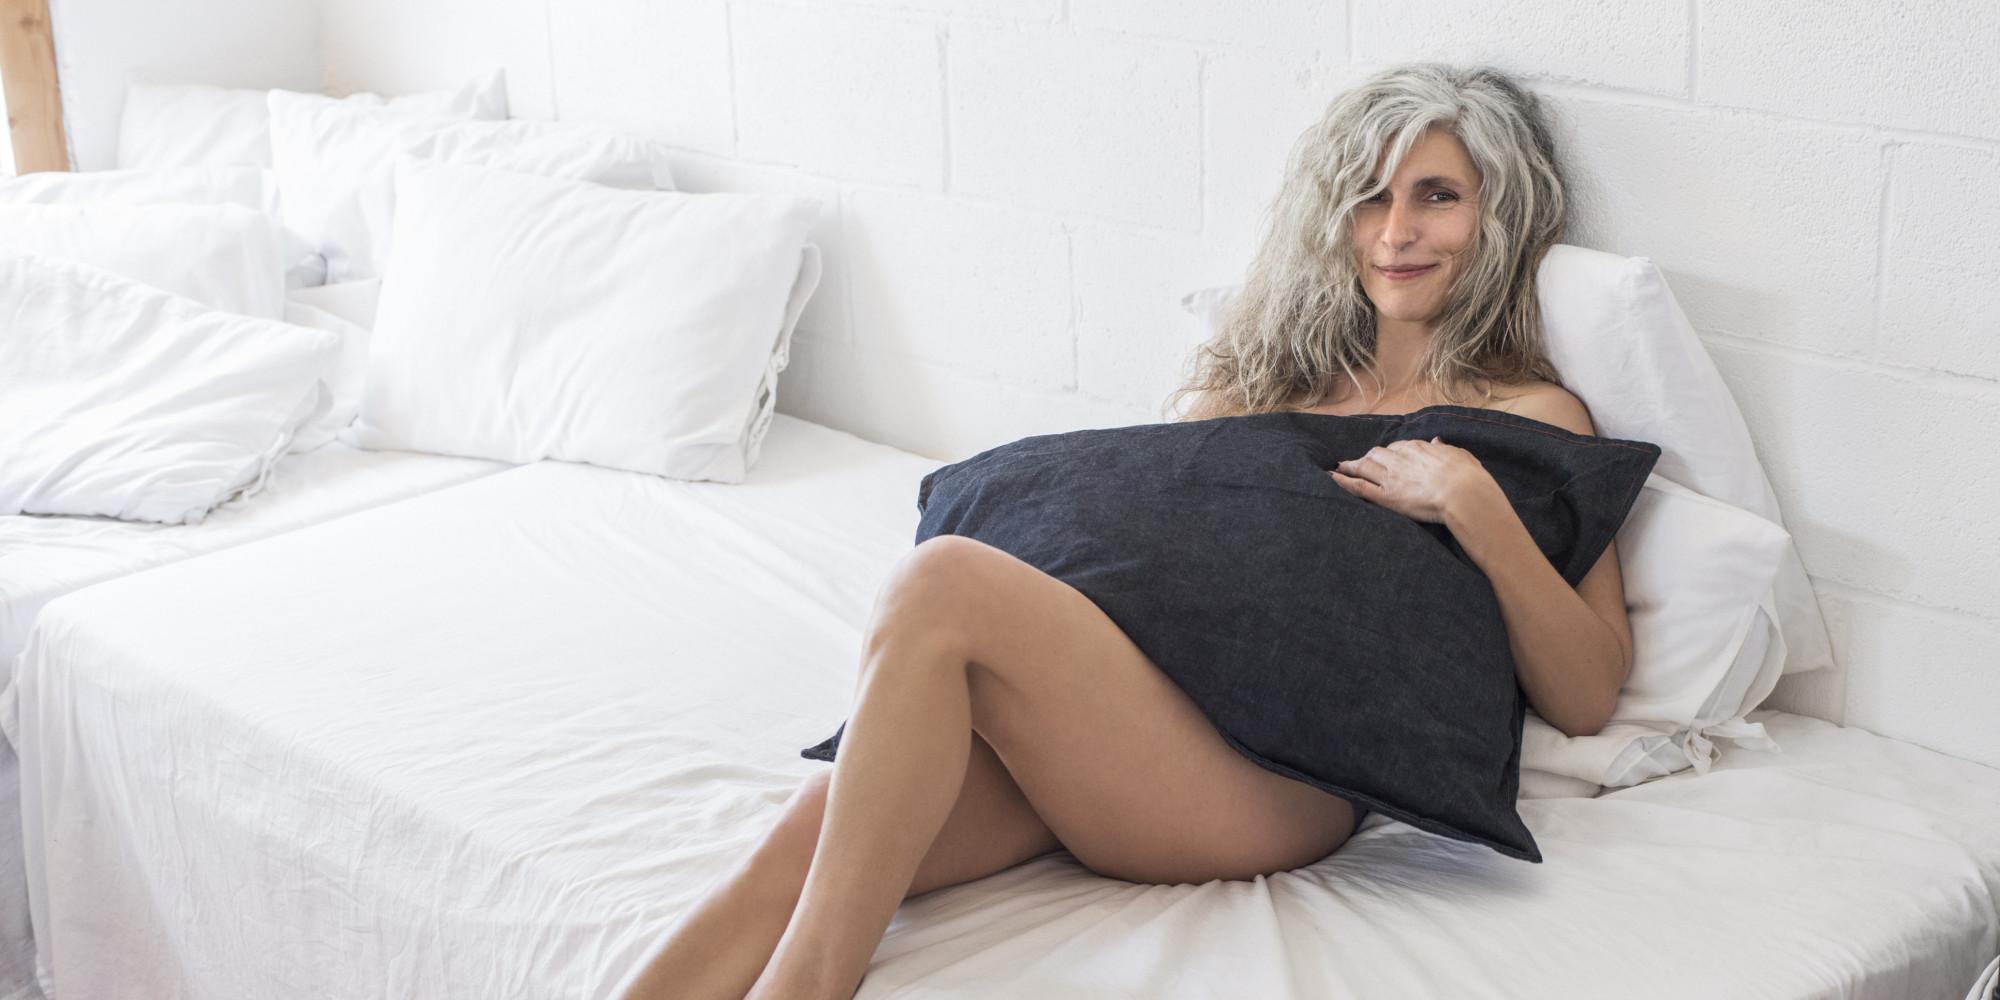 Tiny ass porn movies